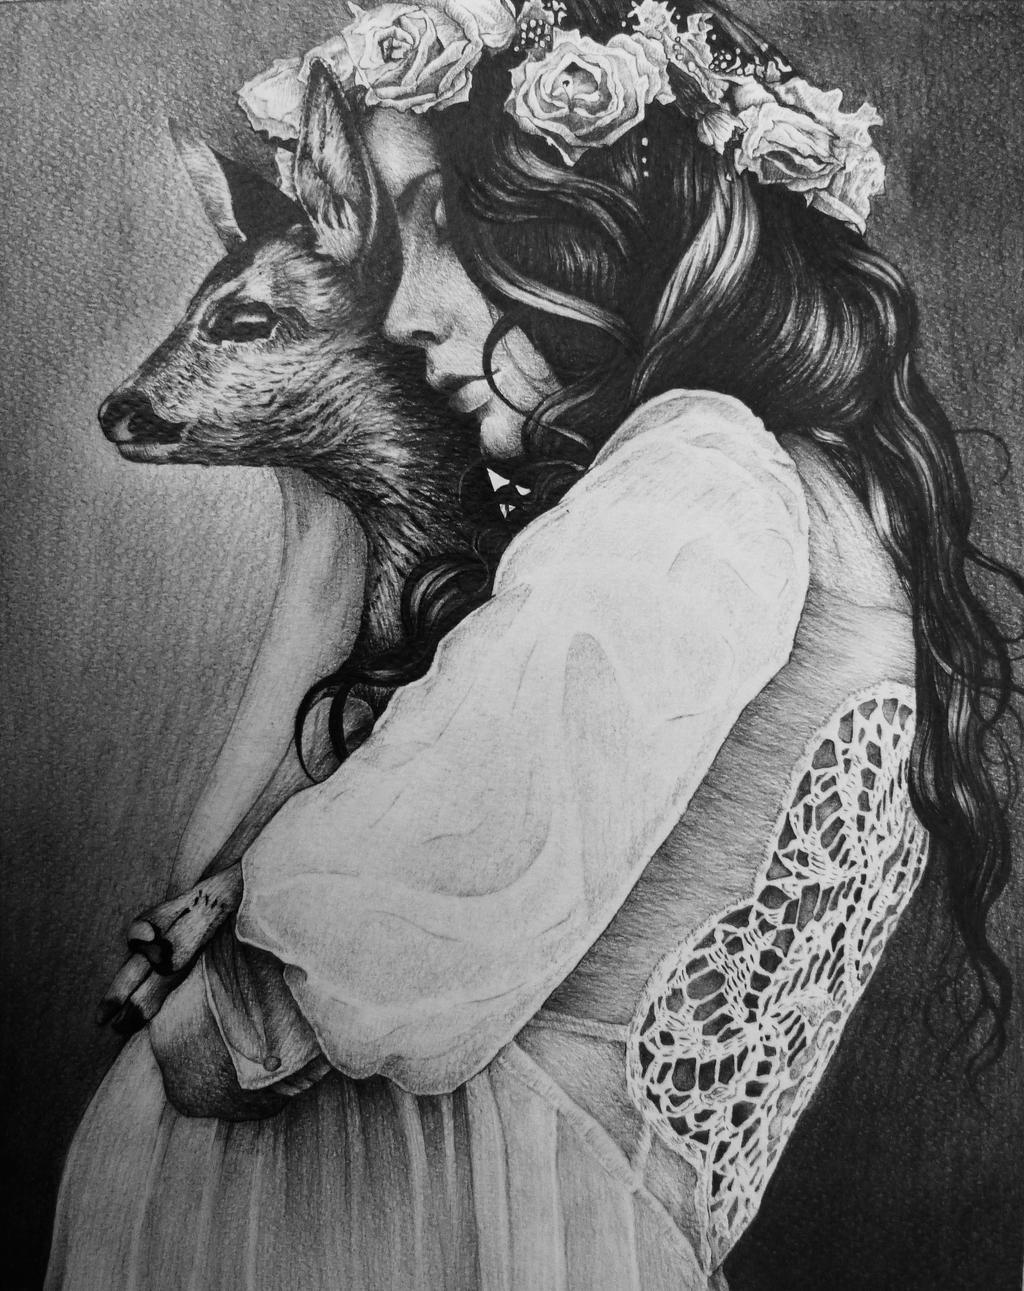 Pin by Me on Art | Deer illustration, Deer drawing, Deer